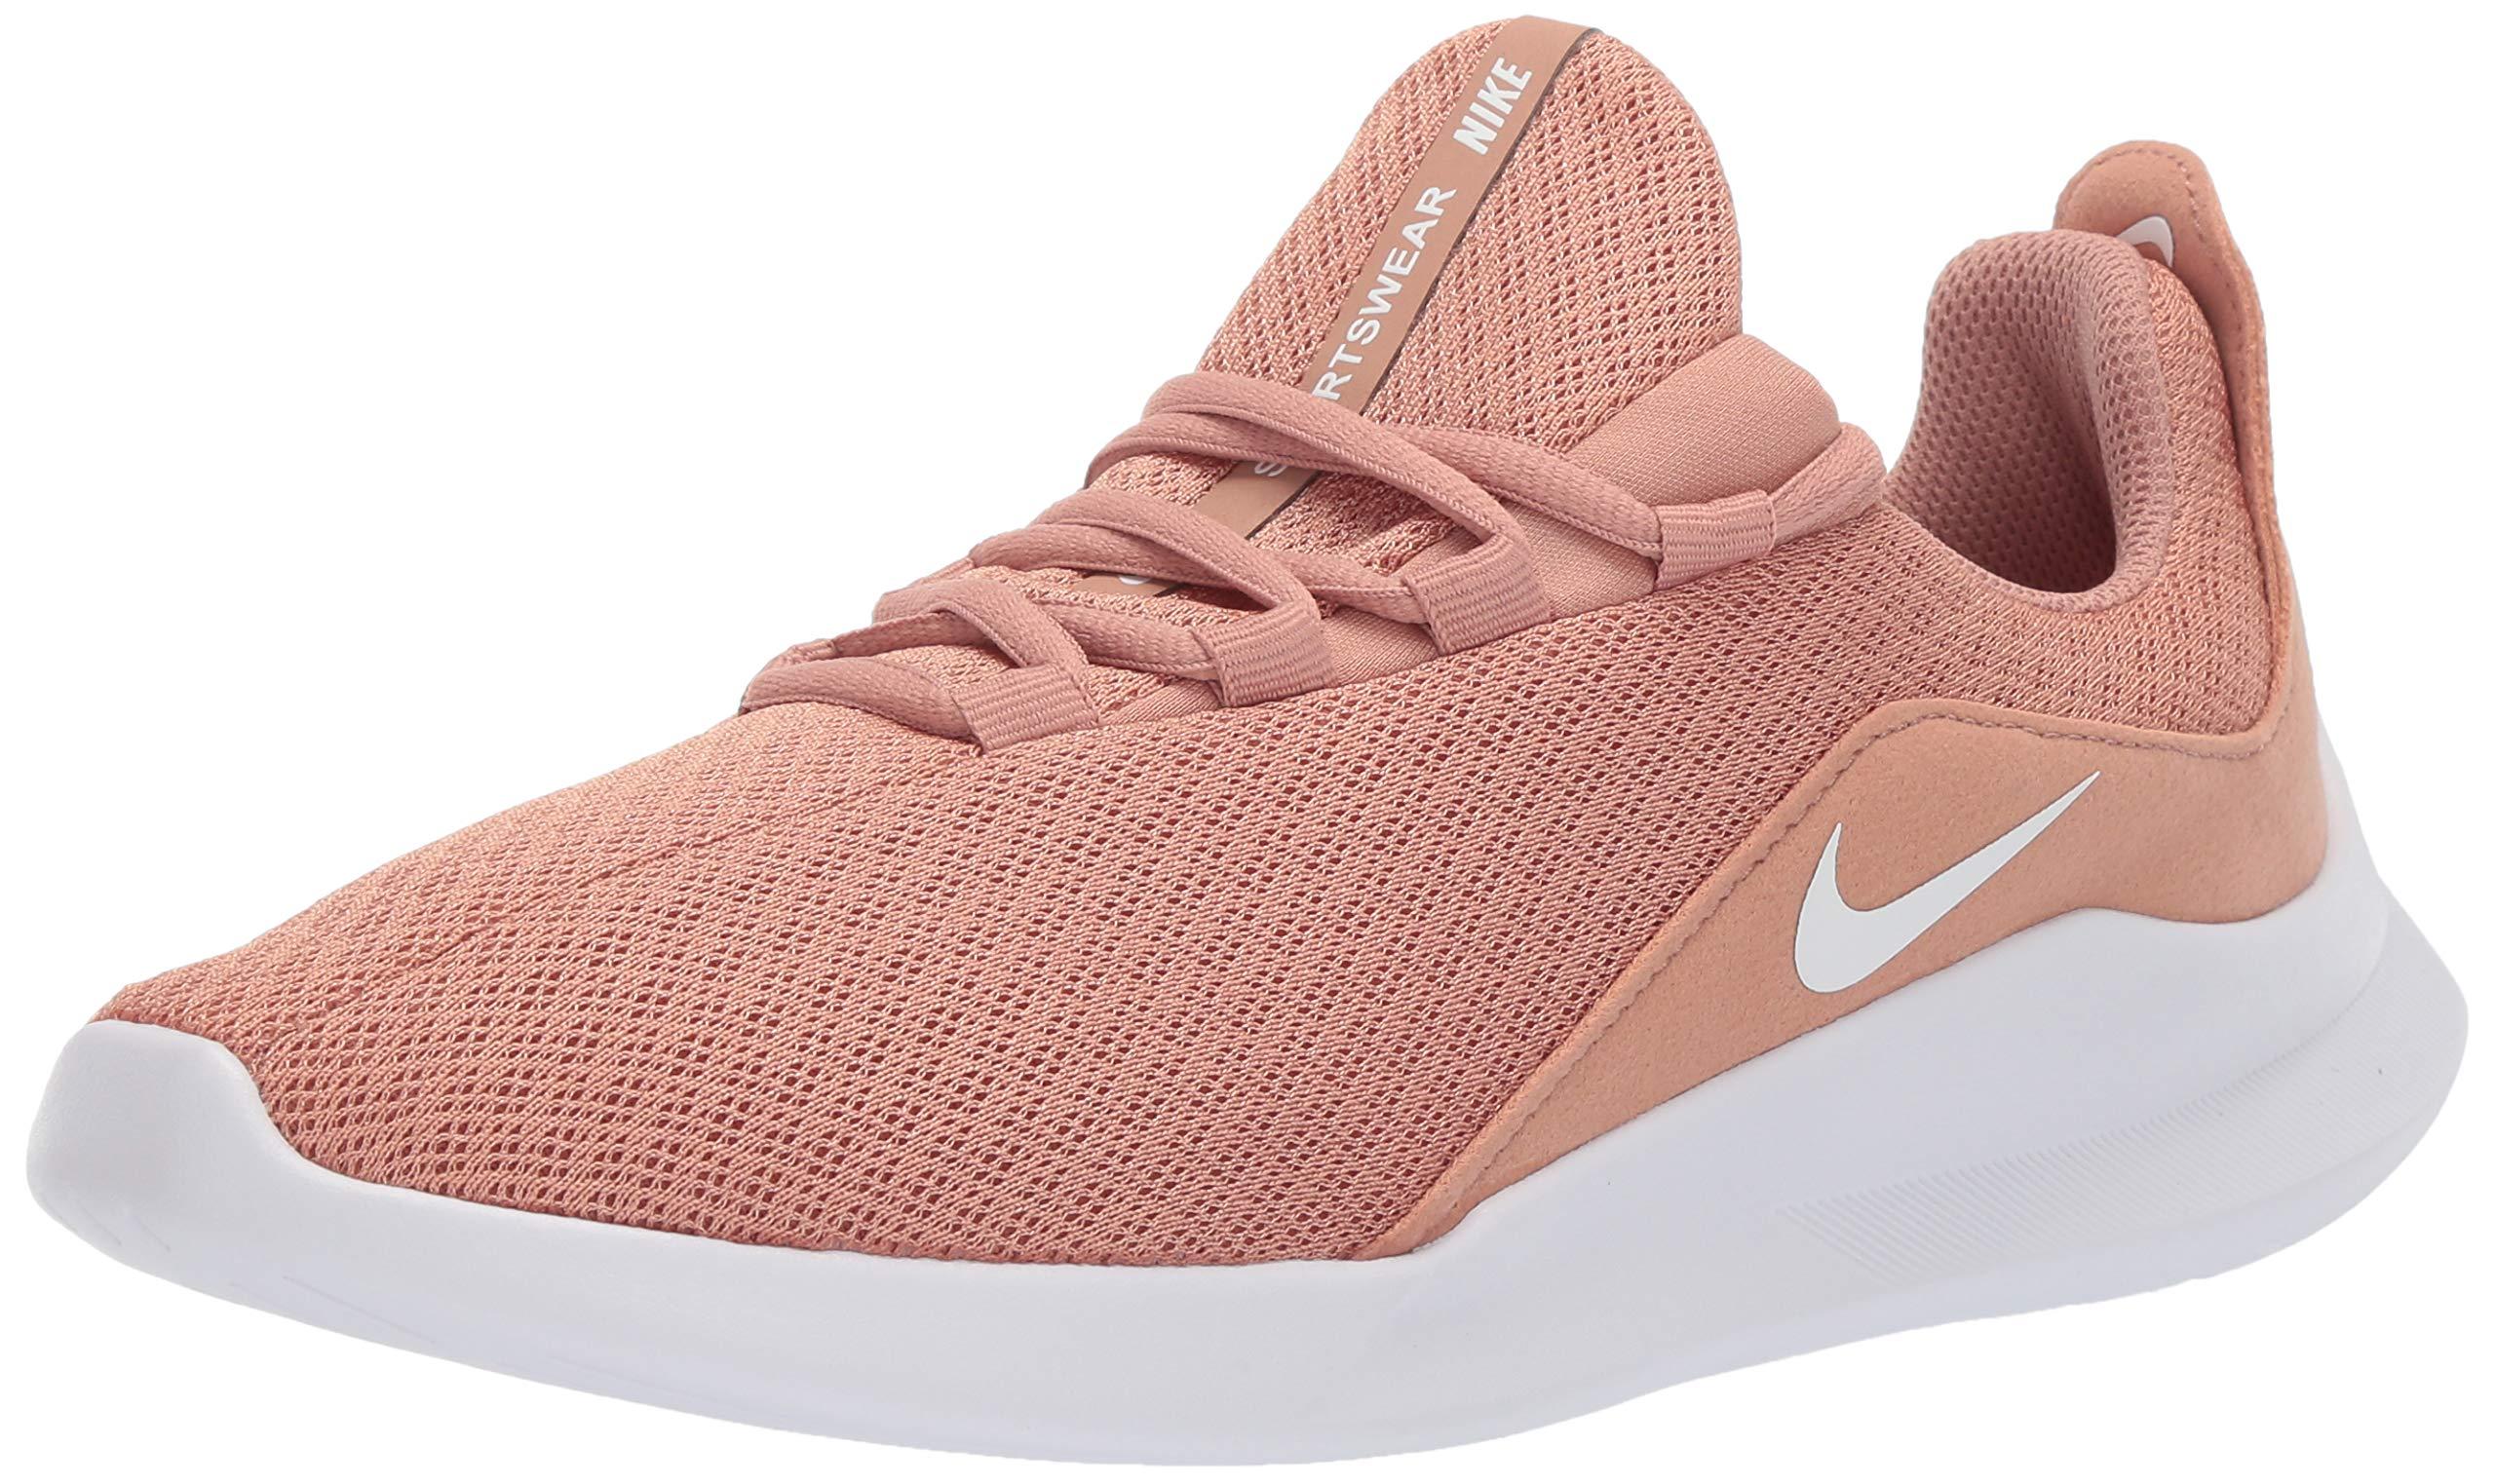 Nike Women's Viale Running Shoe Rose Gold/White 5.5 Regular US